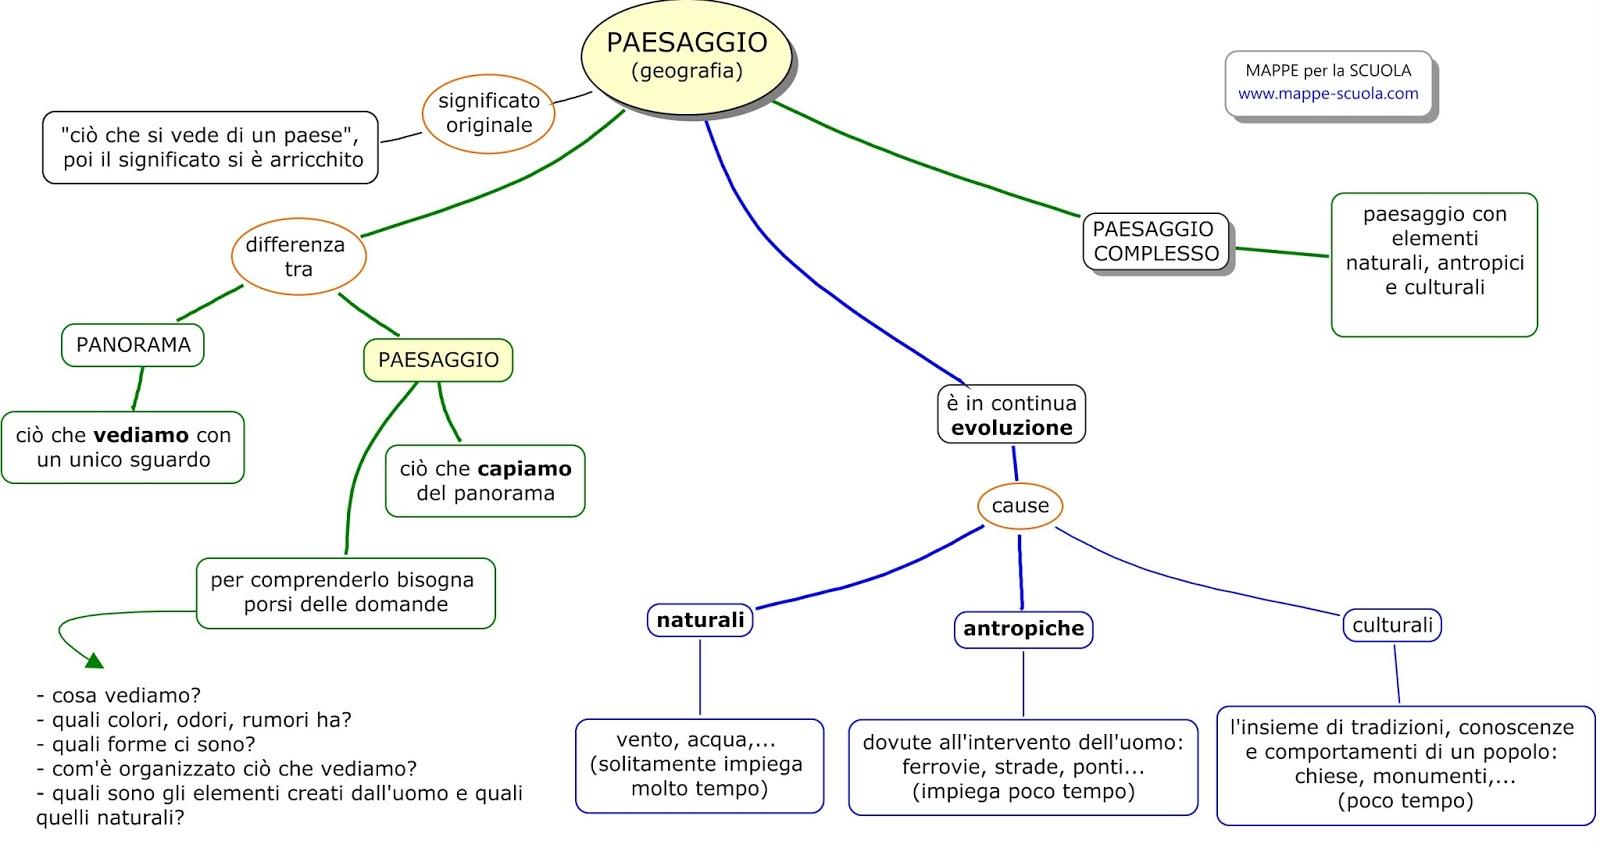 Amato MAPPE per la SCUOLA: Saper leggere il PAESAGGIO IZ87